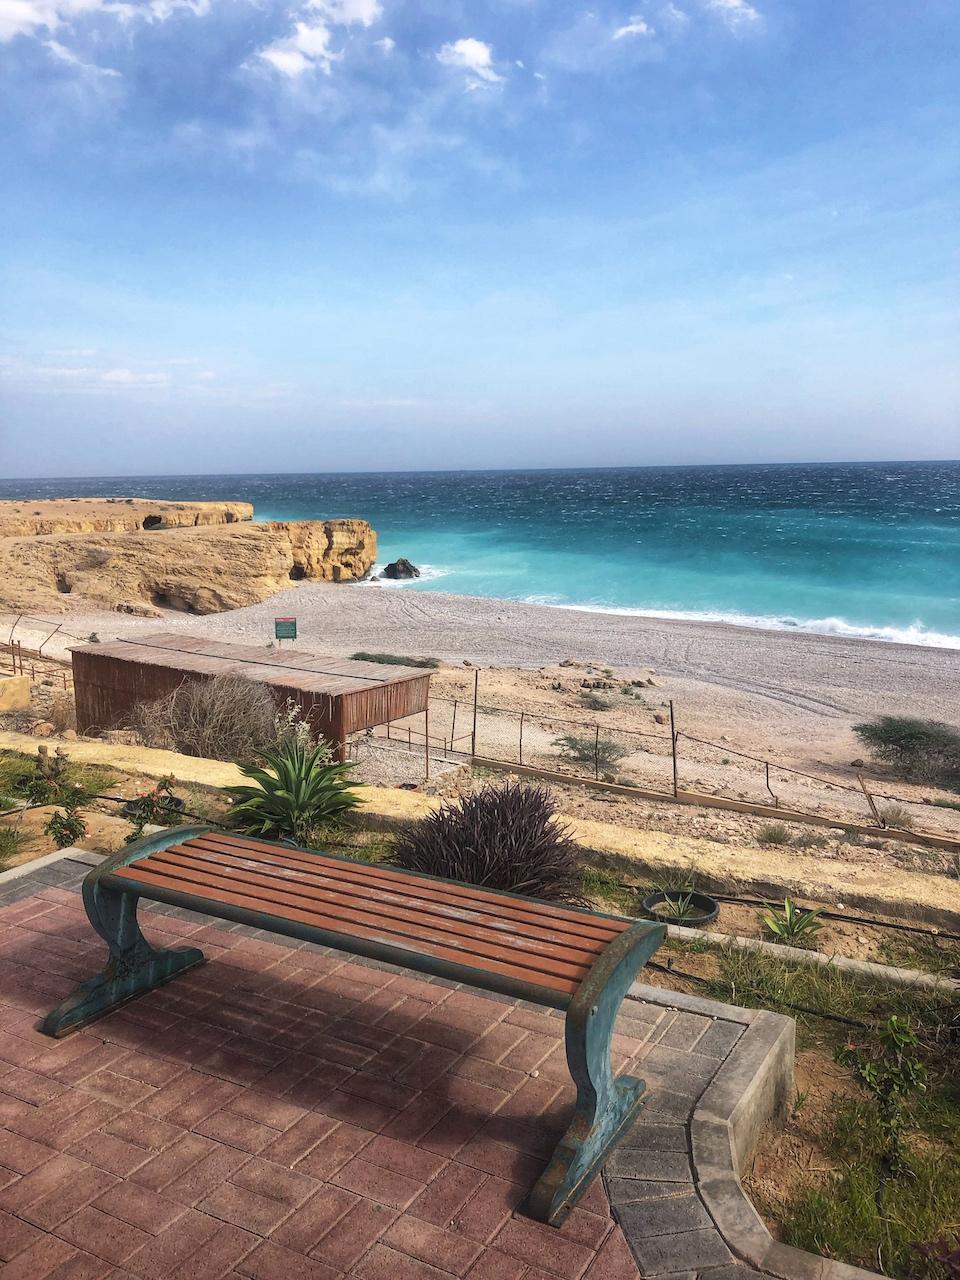 Hoe kom je bij Wadi Shab? kaart rondreis Oman - de bezienswaardigheden en beste reisroute voor 9 dagen. Wadi Shab Hotel